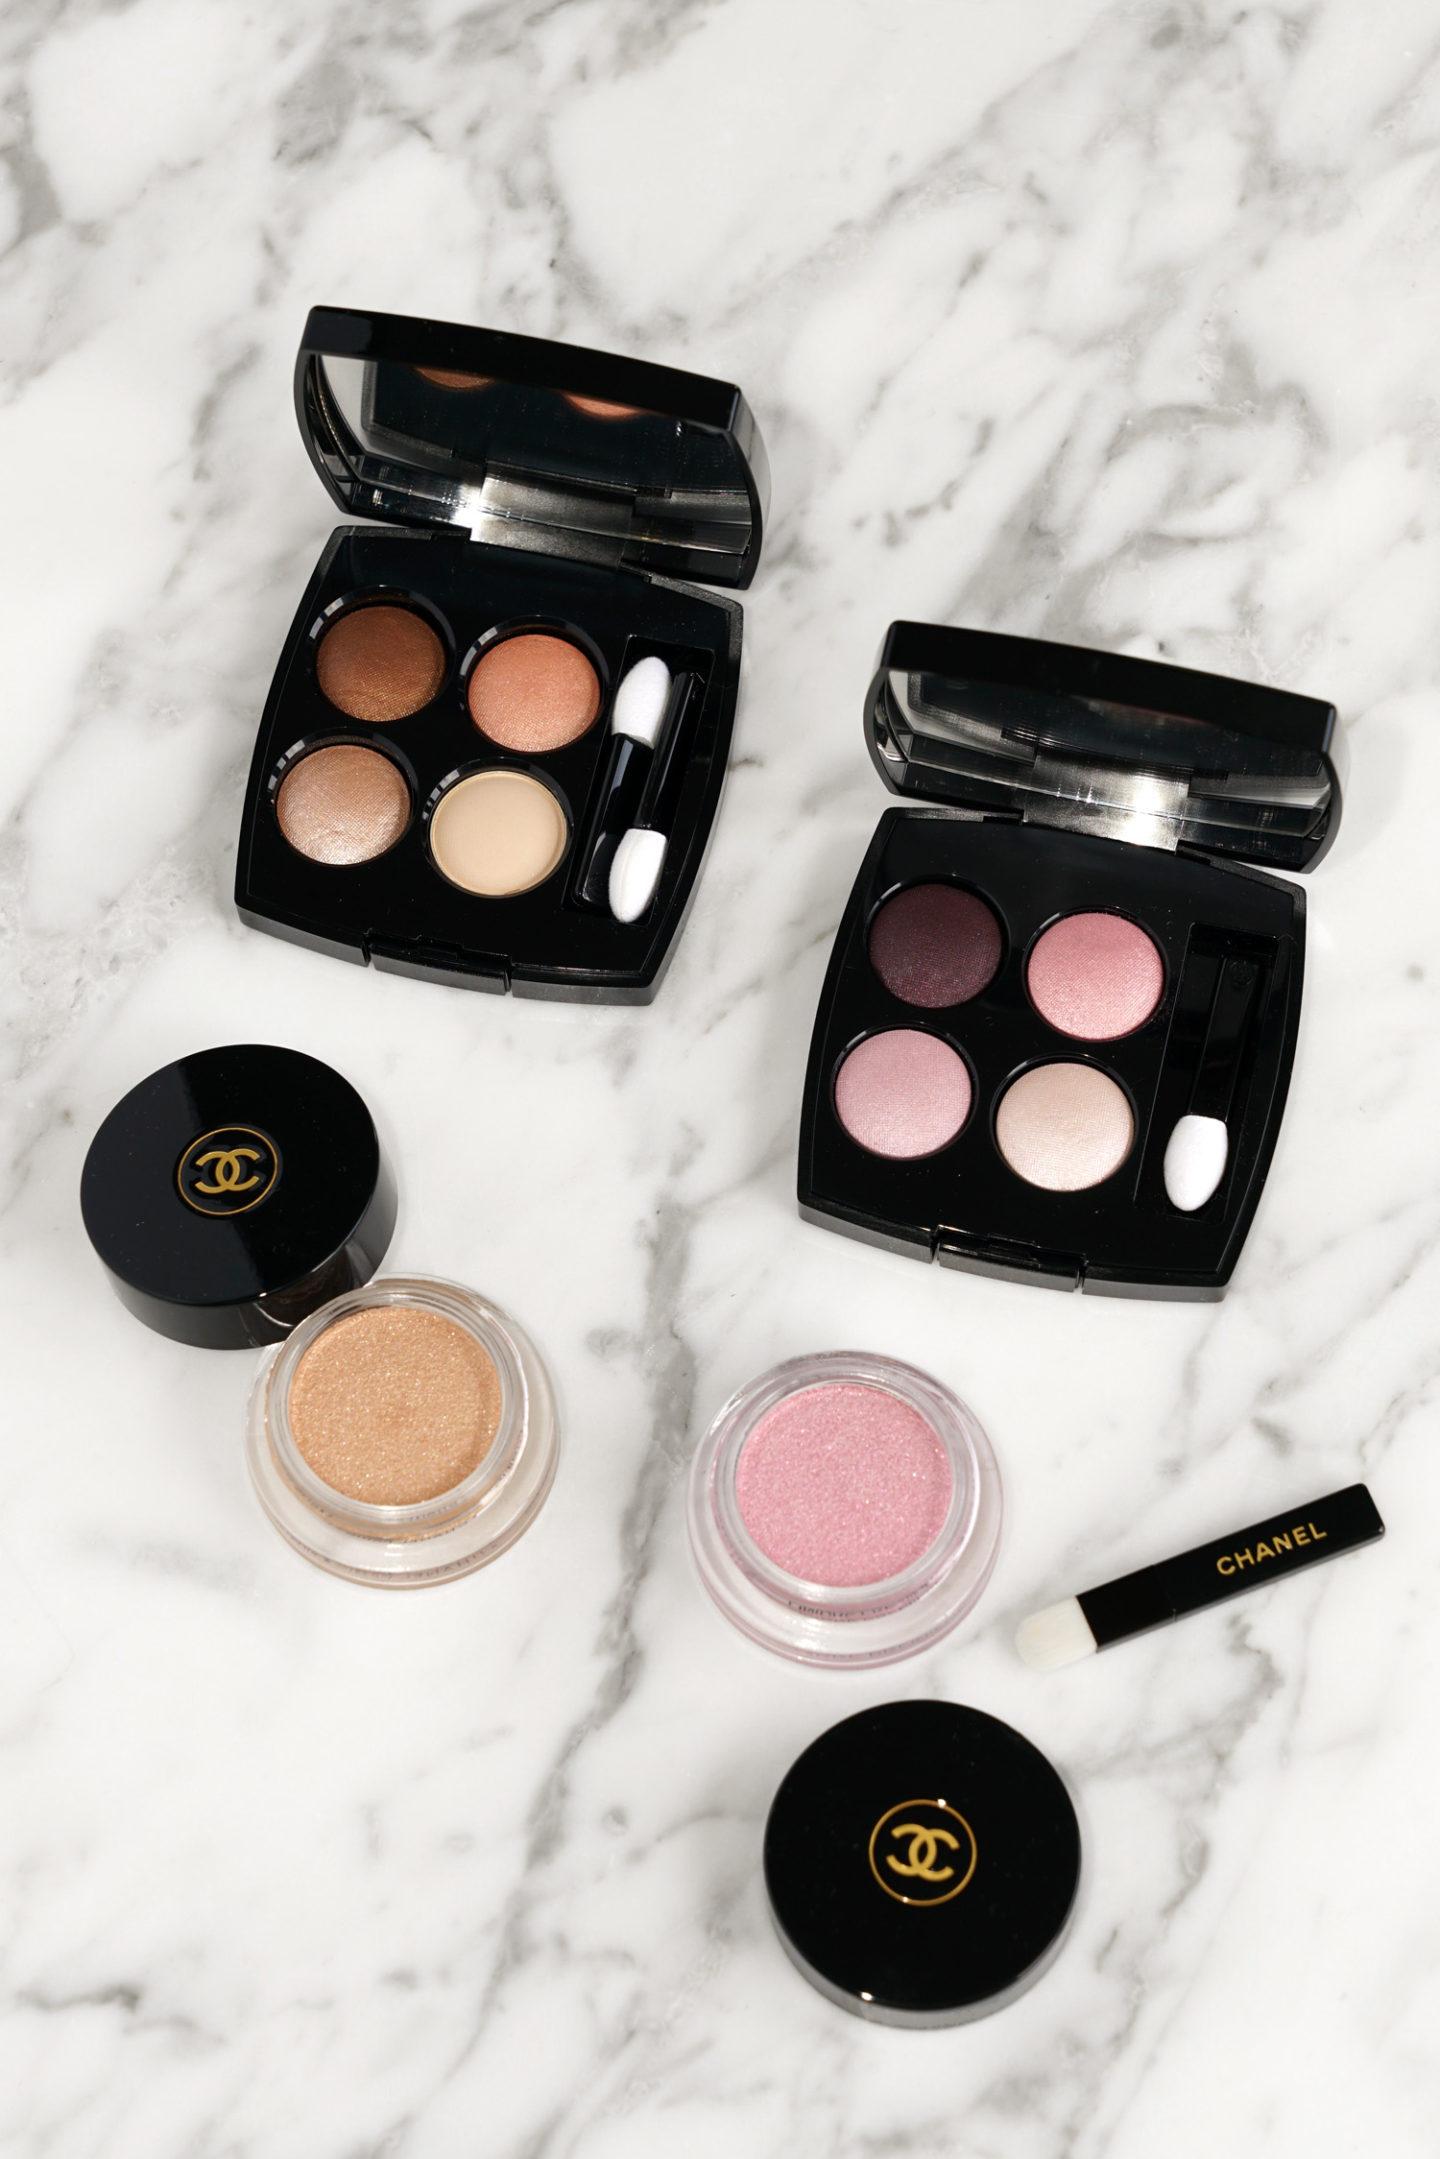 Chanel Pierre de Lumière Les 4 Ombres et Ombre Première Cream Shadows